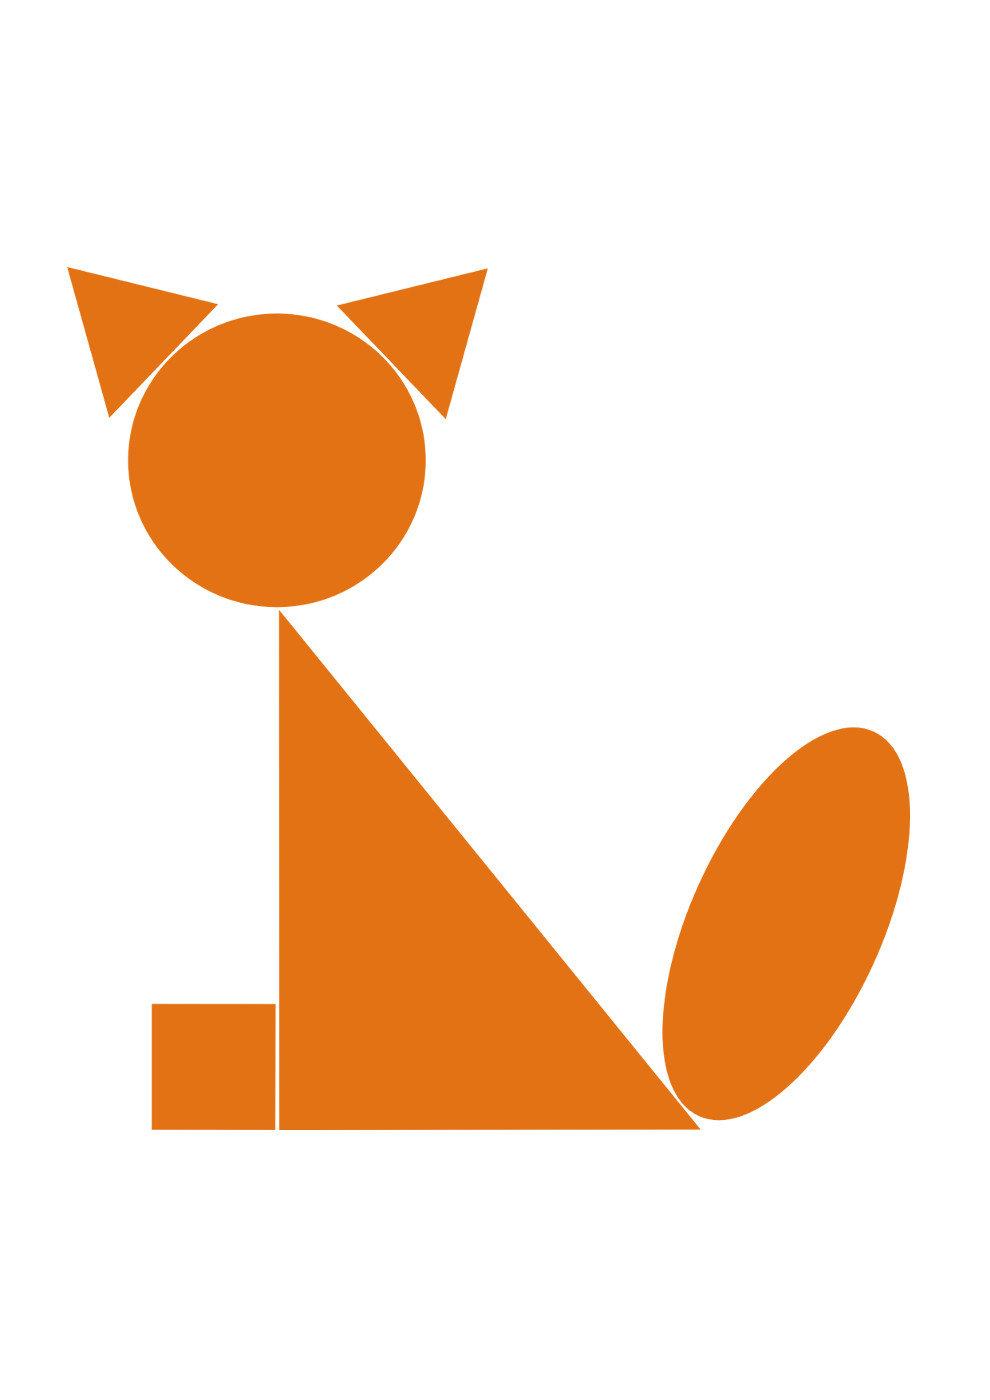 самых кот из геометрических фигур картинка поэтому, неплохо